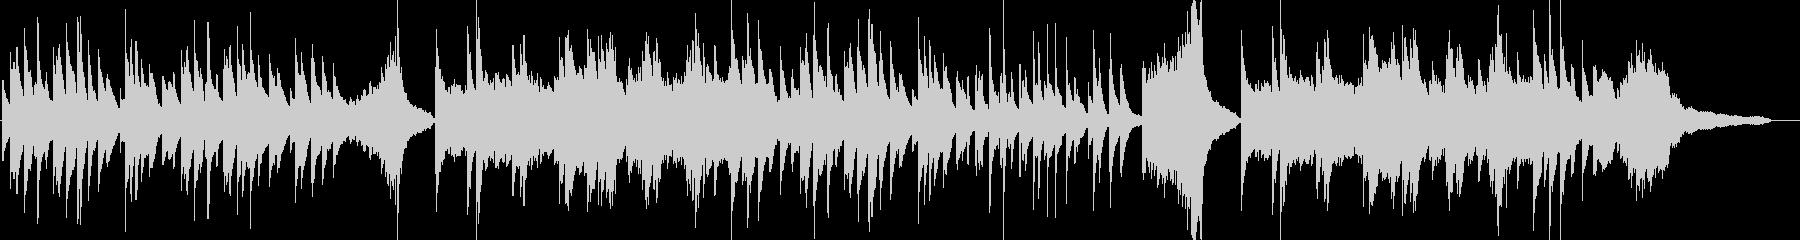 優しい ピアノソロ CM 映像 14の未再生の波形